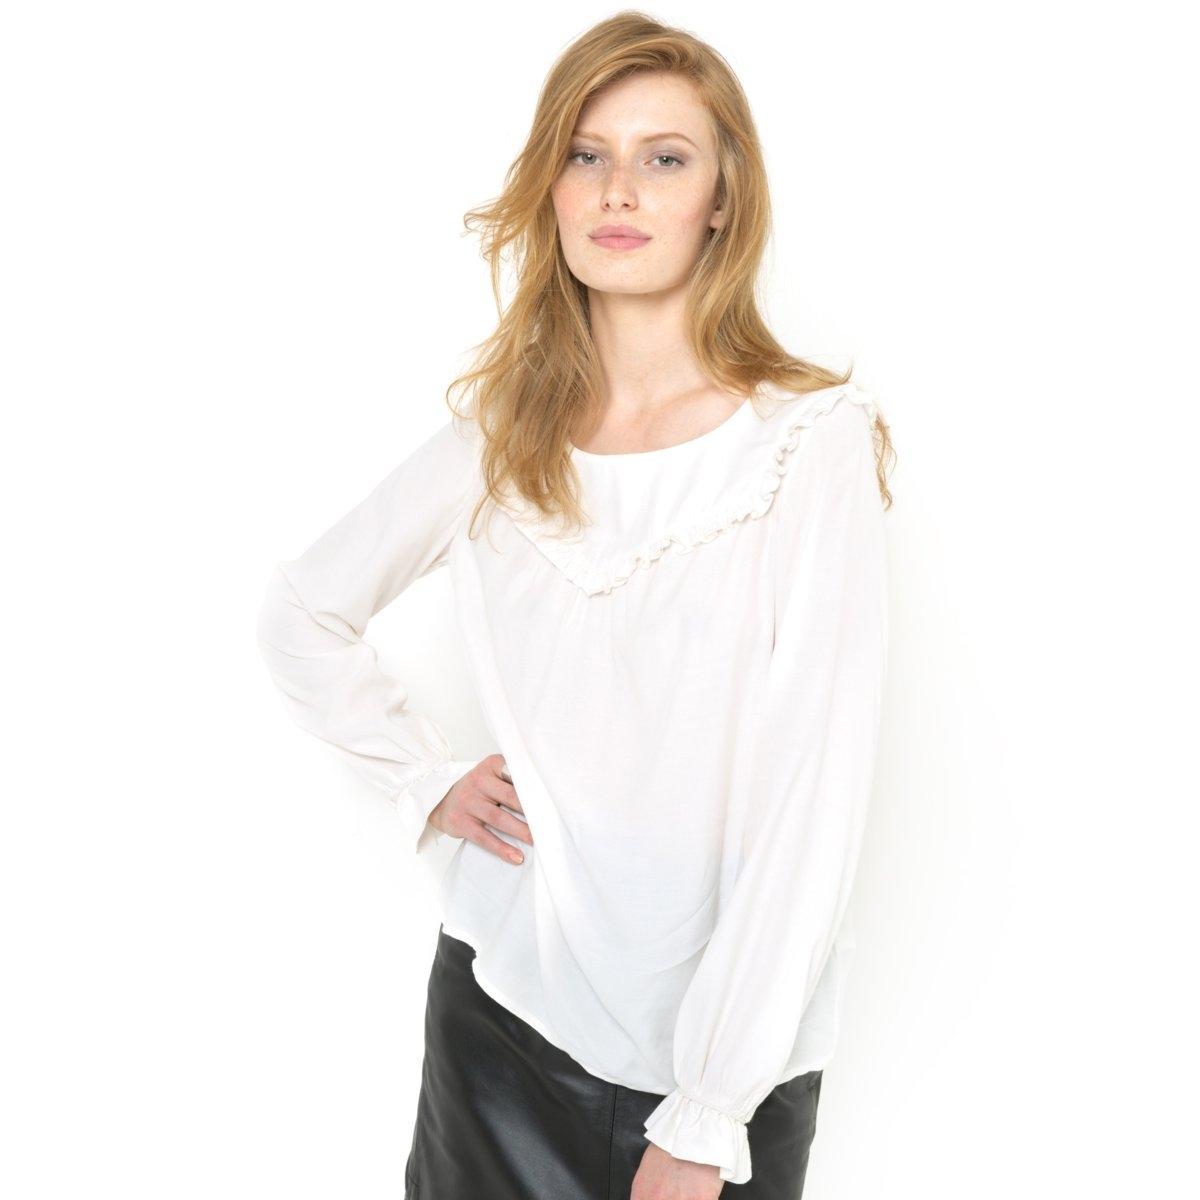 Блузка с воланами и длинными рукавамиБлузка из 100% вискозы. Манишка и низ рукавов с воланами. Длина 65 см.<br><br>Цвет: слоновая кость<br>Размер: 42 (FR) - 48 (RUS)